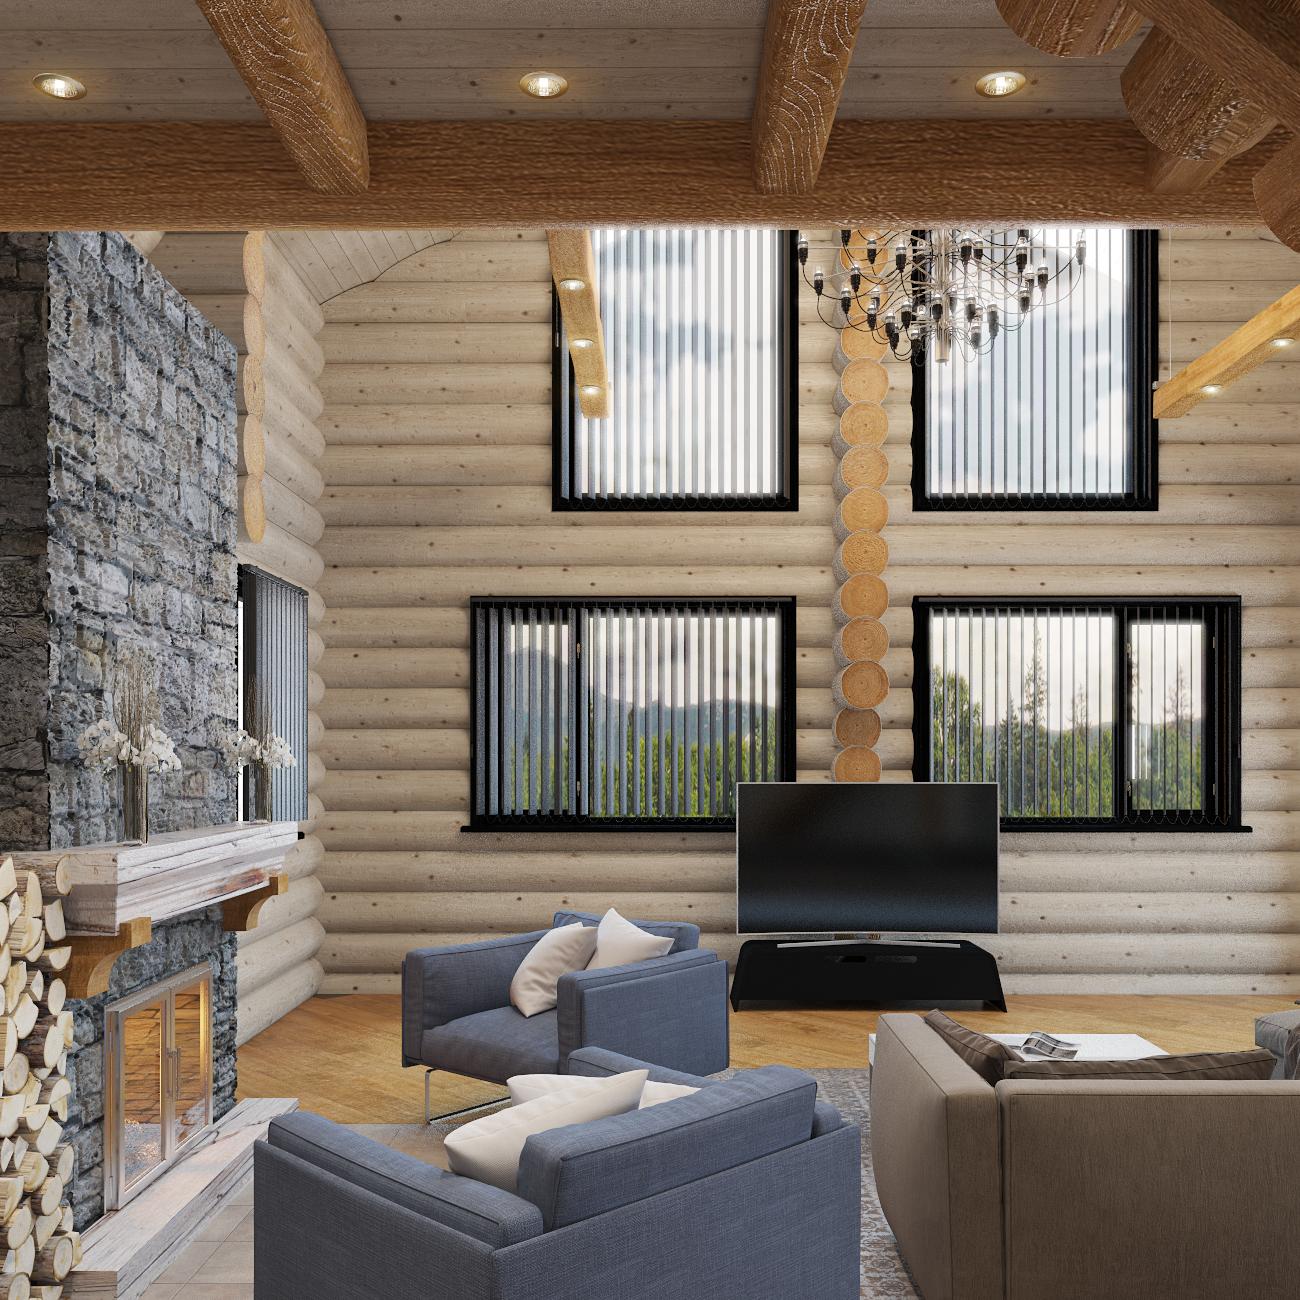 дизайн интерьера деревянного дома (4)